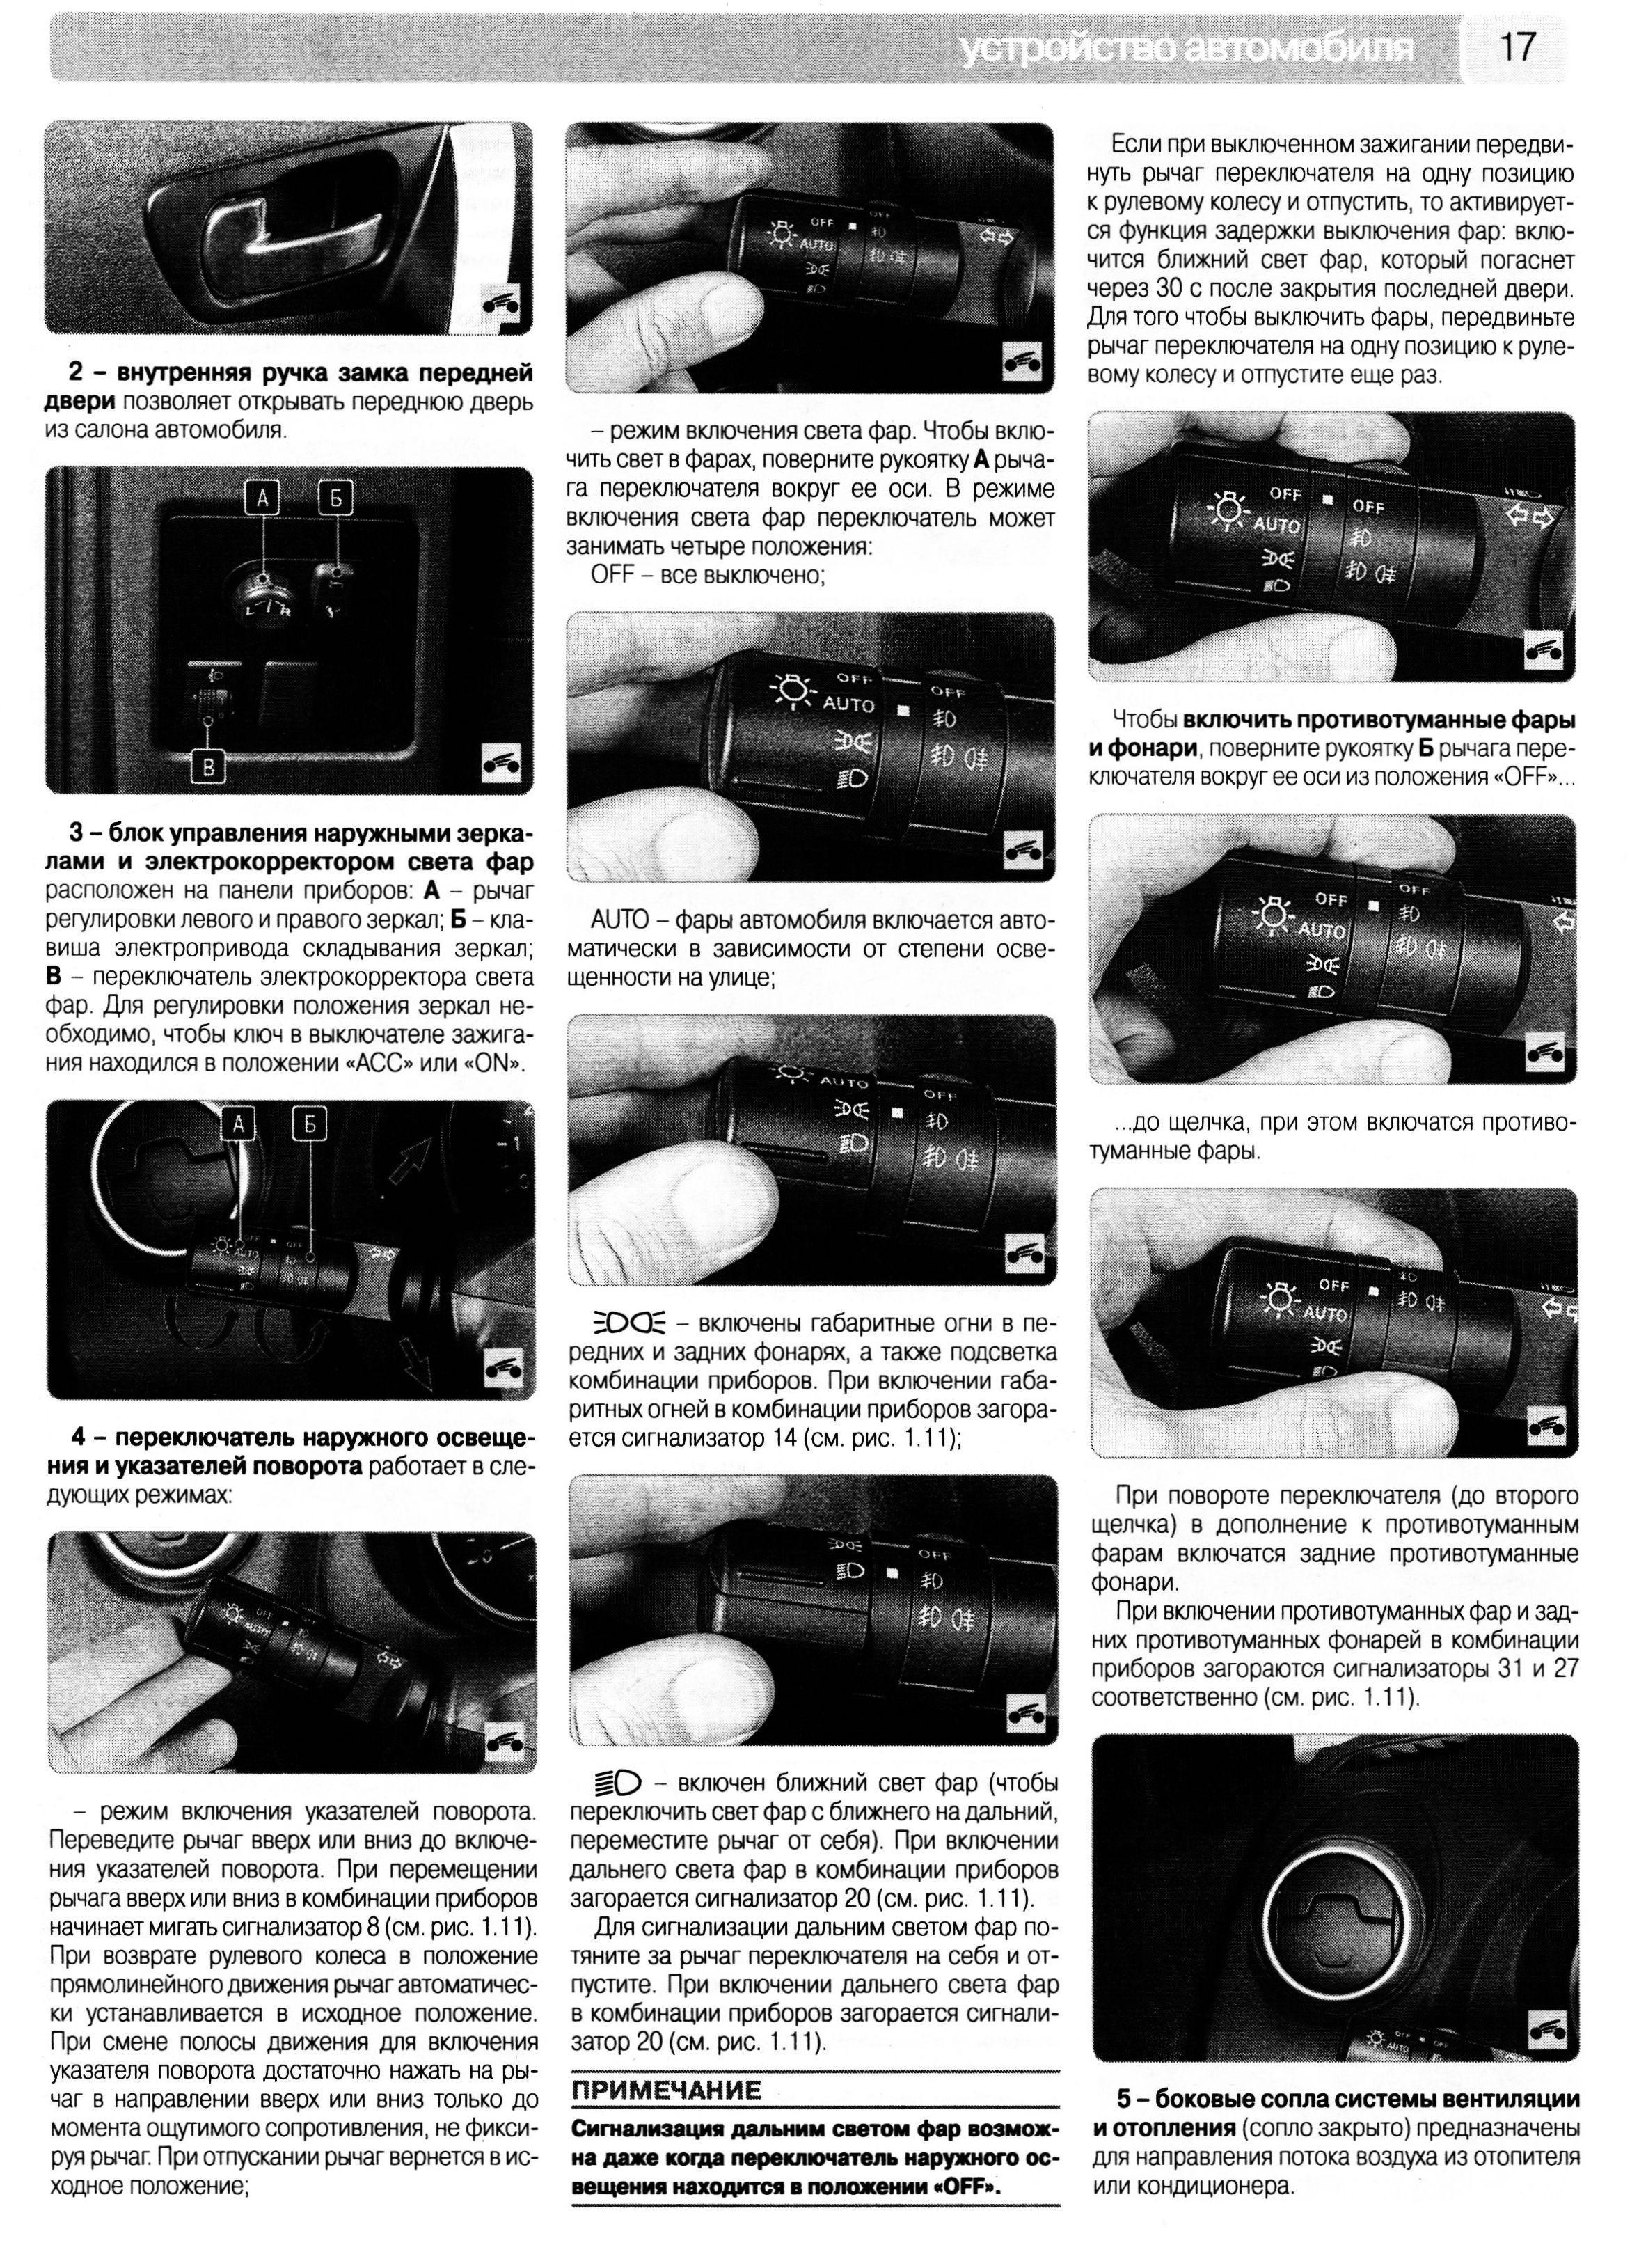 инструкция по эксплуатации ниссан кашкай 2007 читать